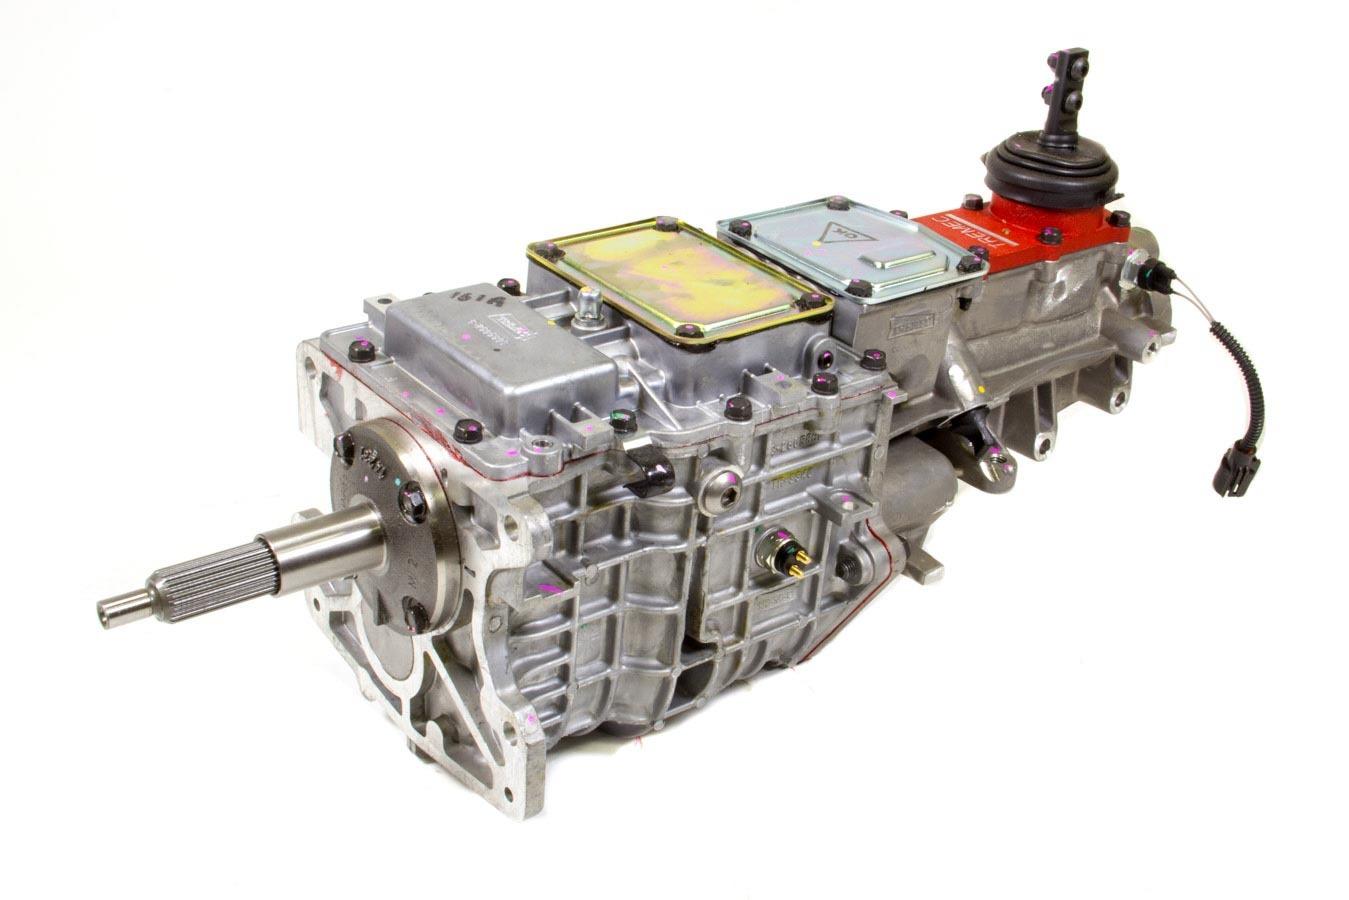 GM TKO-600 Series 5-Spd Trans 26 Spline Input